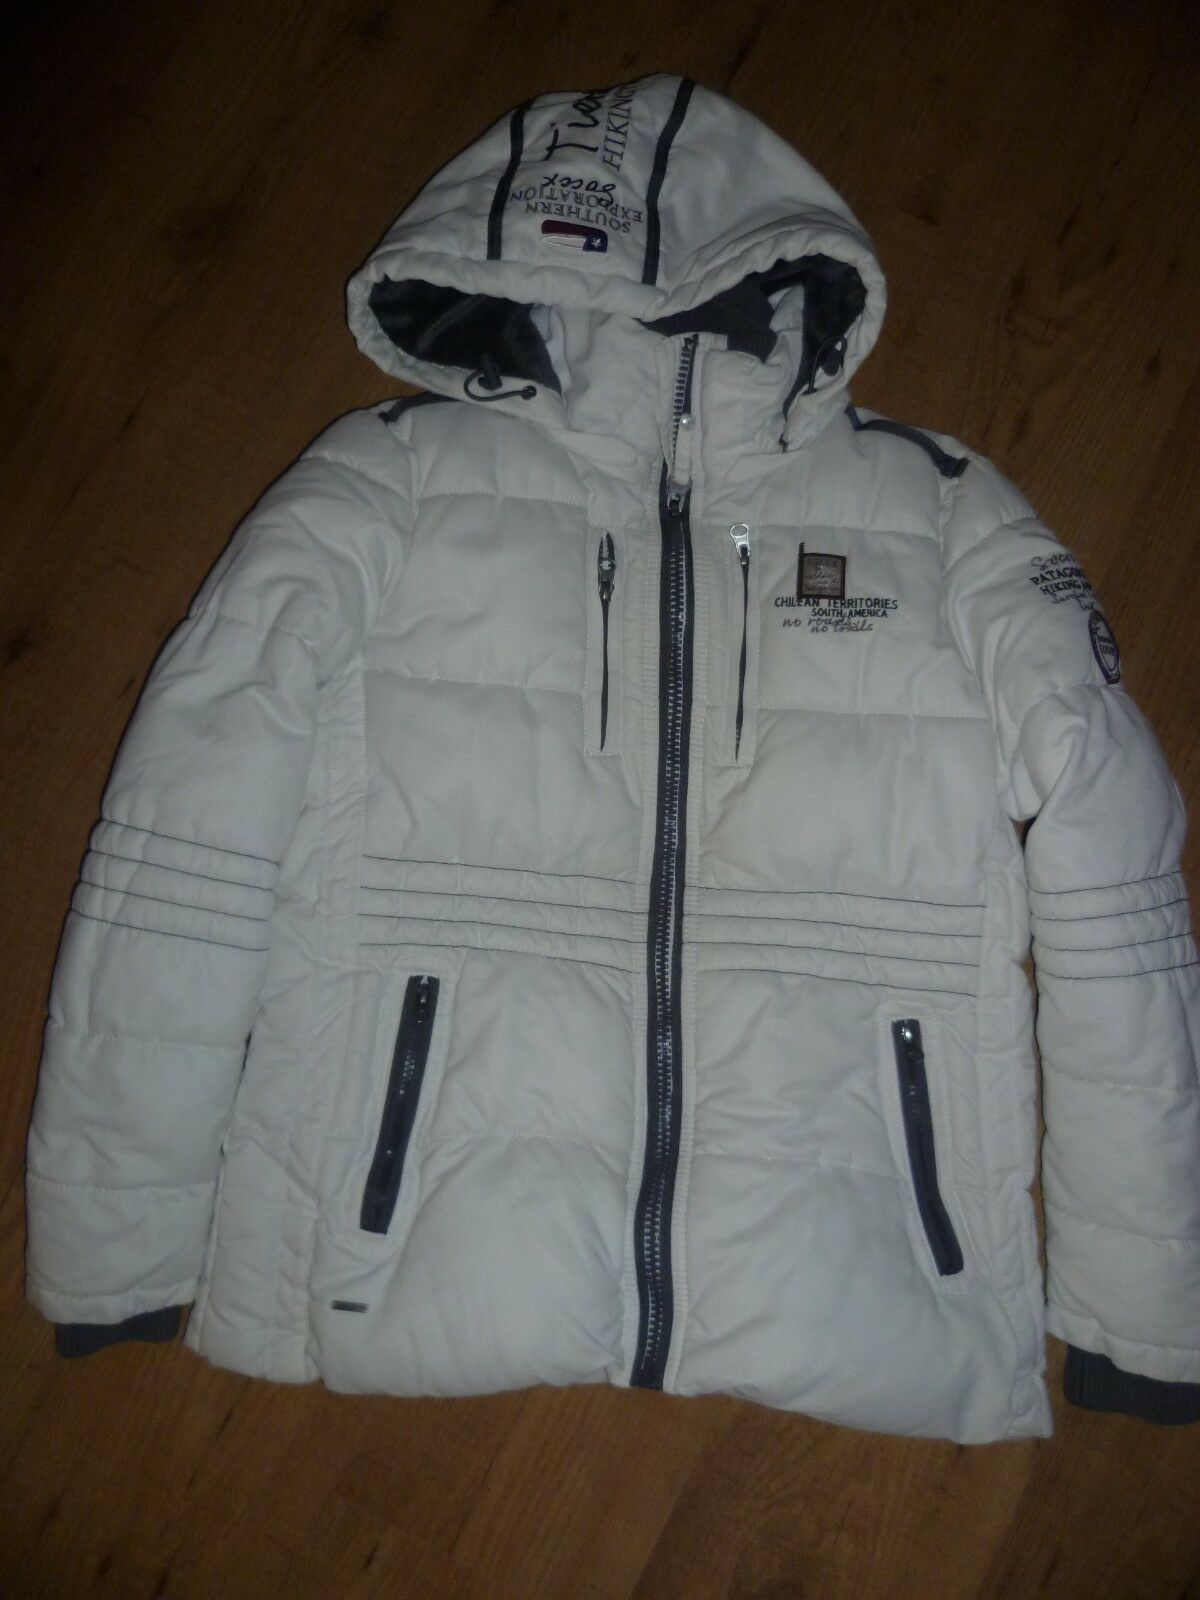 Schöne Damen Winterjacke Jacke mit Kapuze Parka Gr. M 38 SOCCX cremeweiß TOP